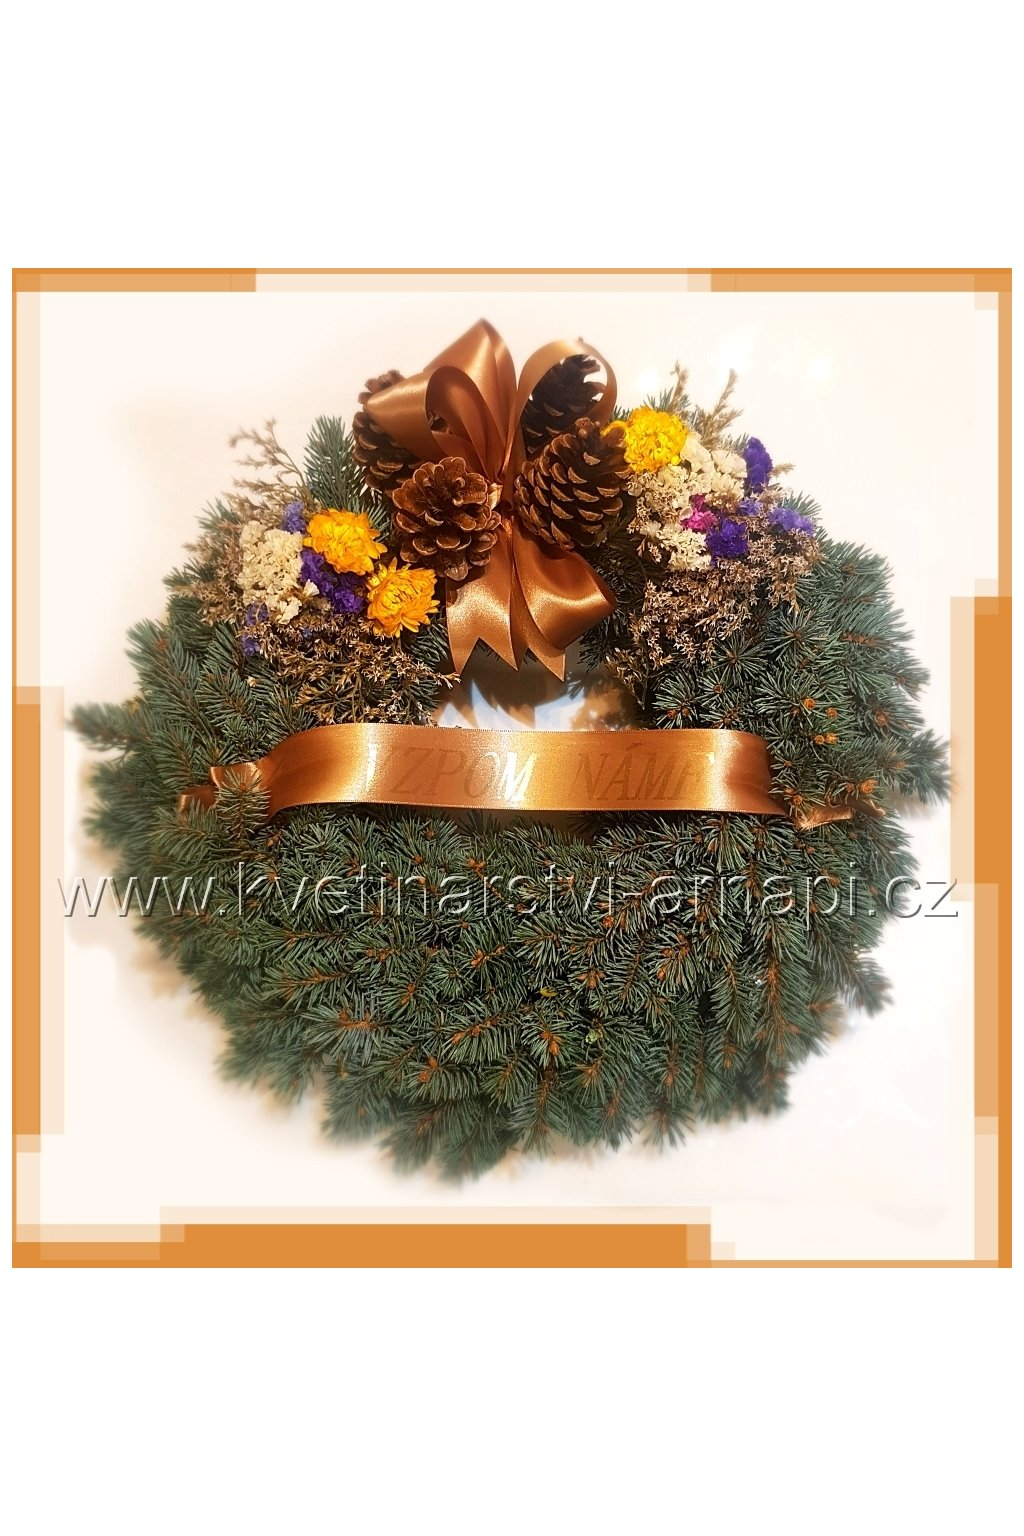 venec stribrny smrk dusicky kvetinarstvi arnapi rozvoz